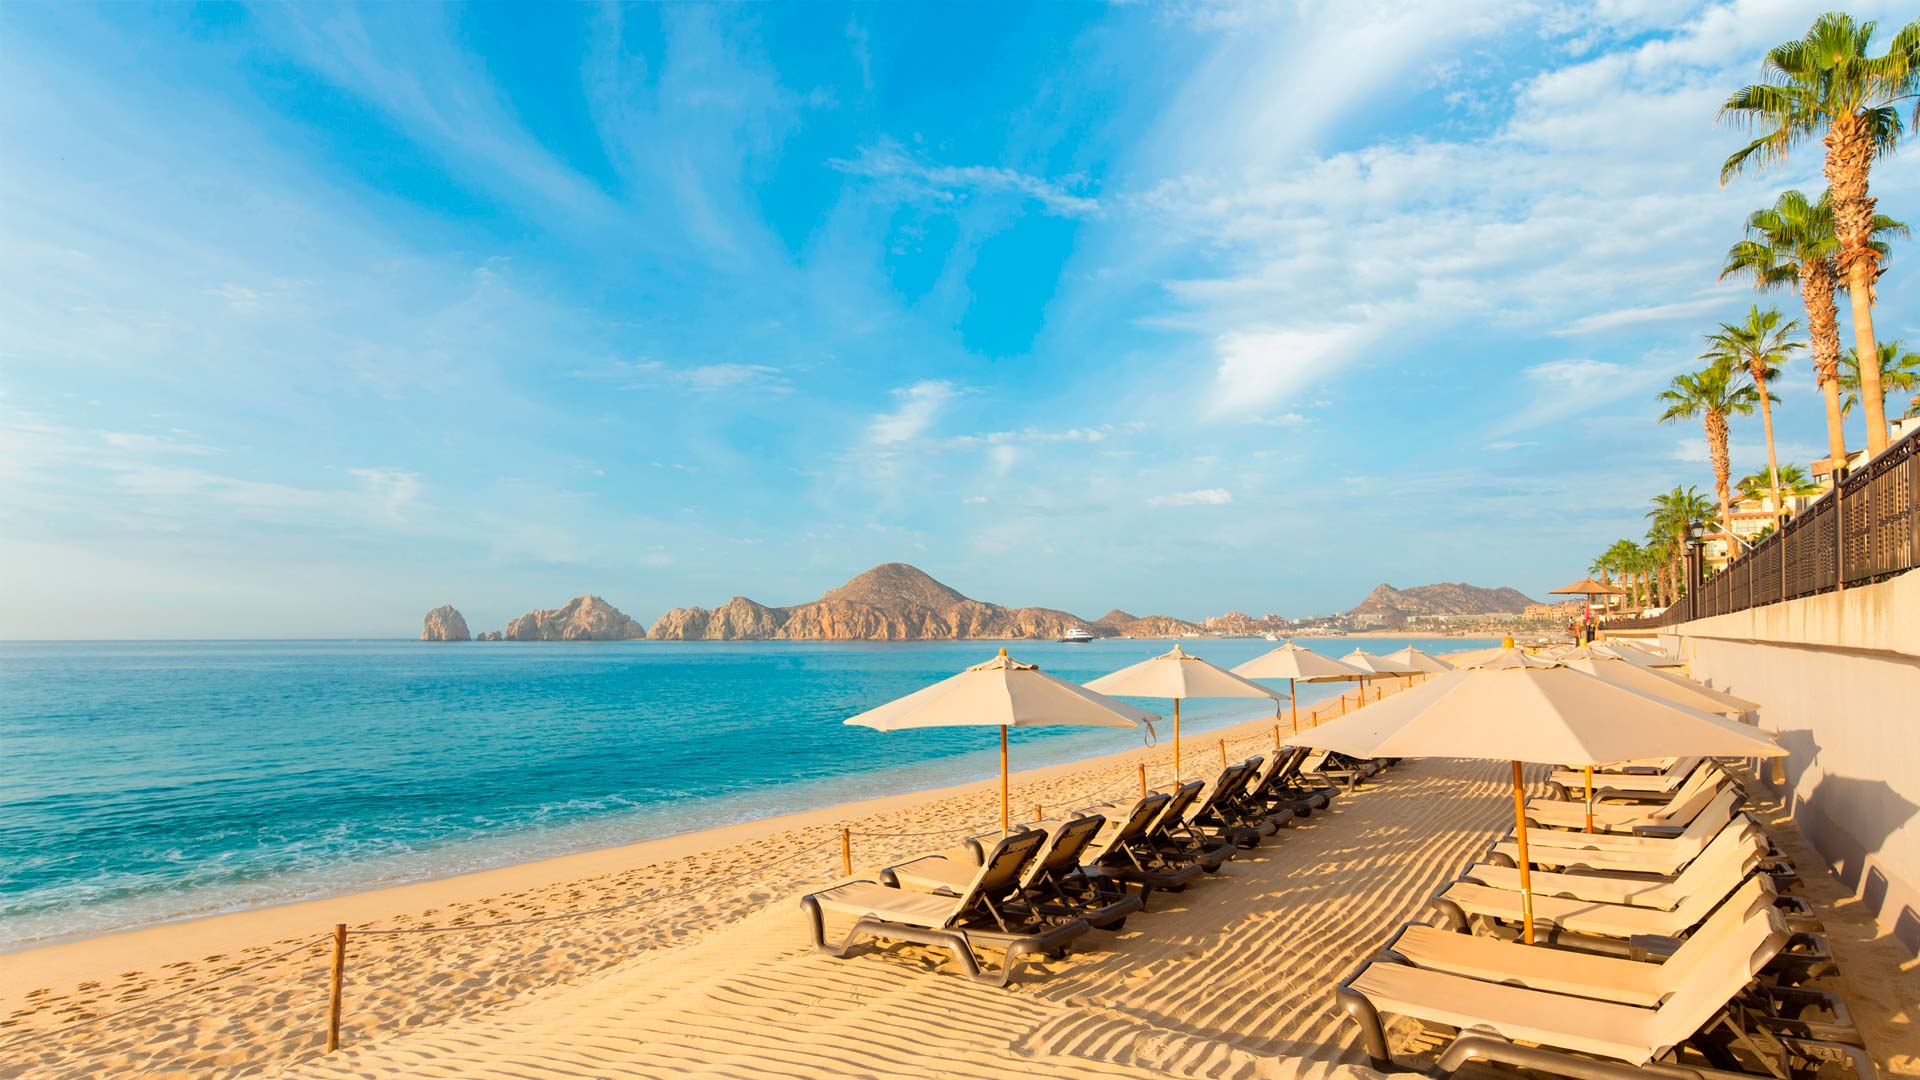 Optimizada villa la estancia los cabos beach 2